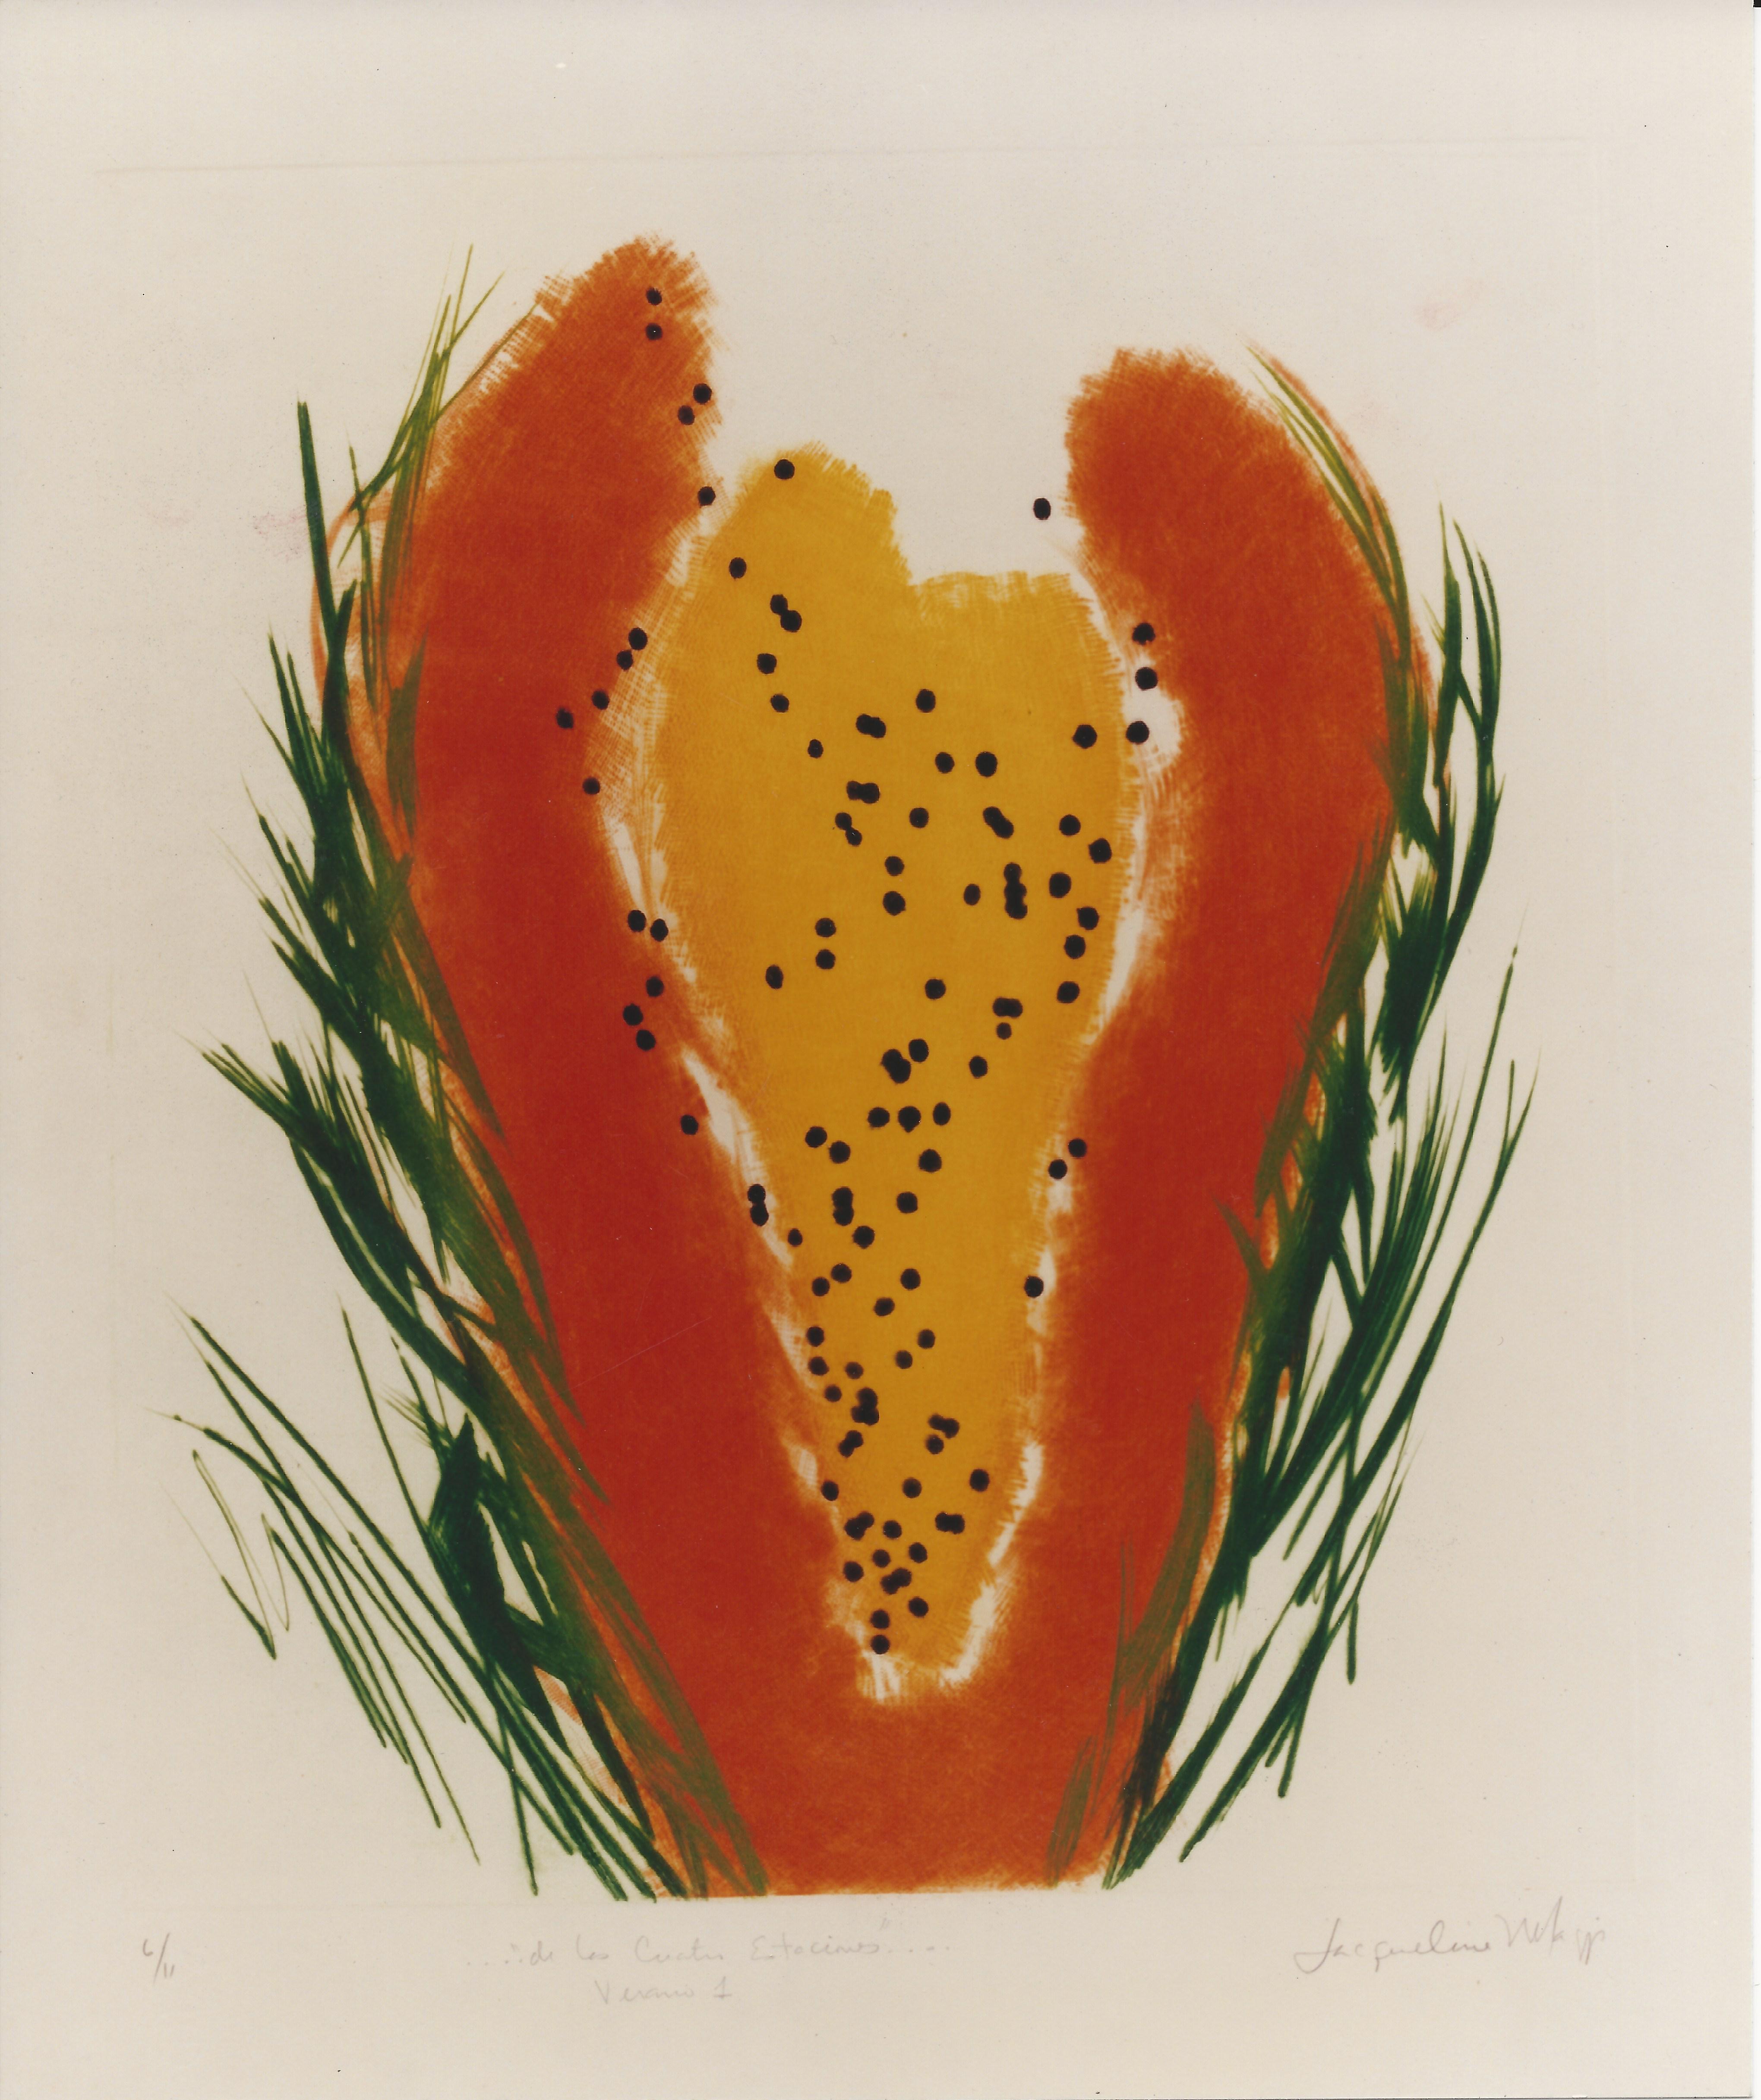 Papaya - Jacqueline Maggi